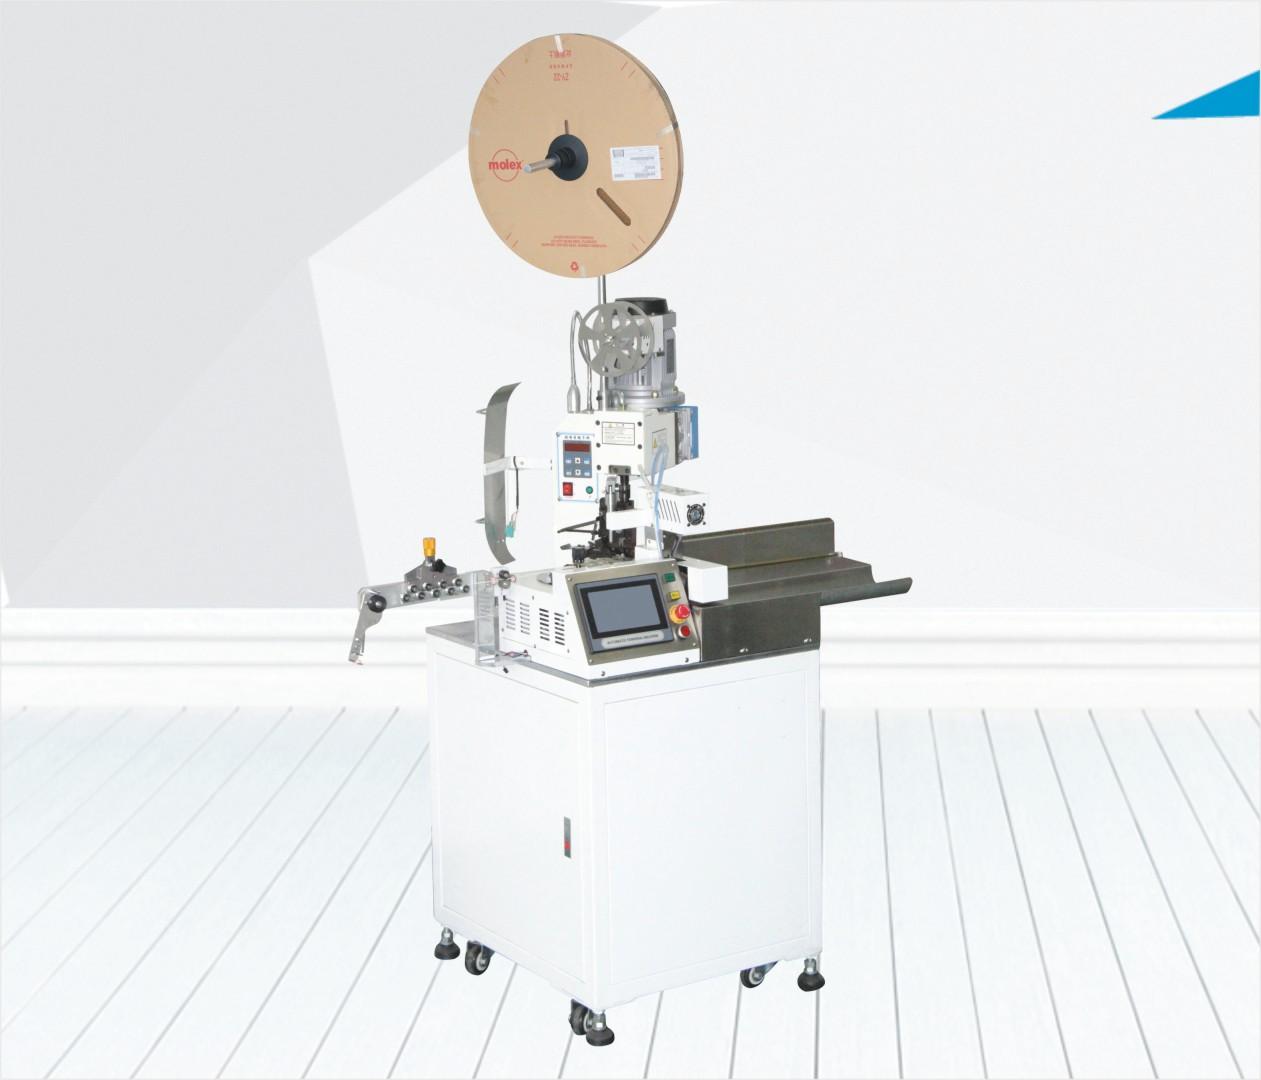 广州全自动单头端子机|广州全自动单头端子机生产厂家|广州全自动单头端子机报价